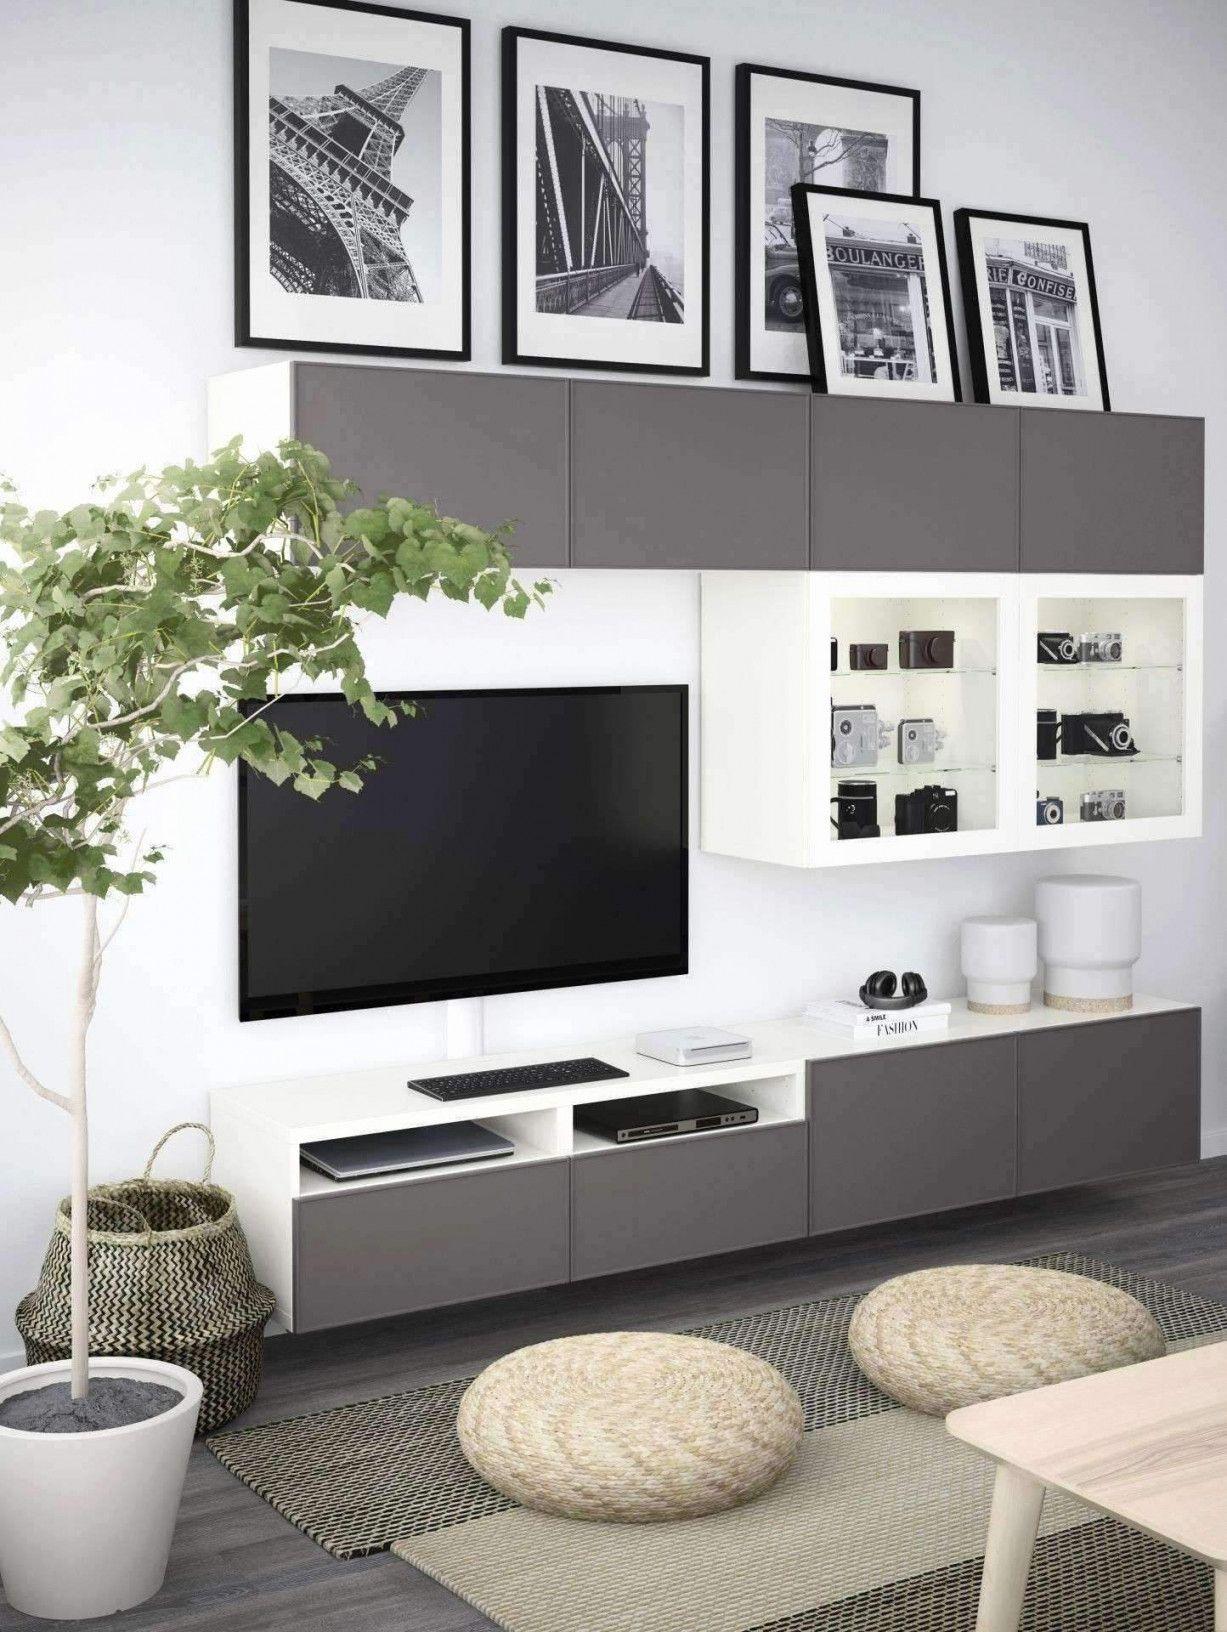 Einzigartig Moderner Landhausstil Wohnzimmer von Moderner Landhausstil Dekoration Bild #landhausstildekoration